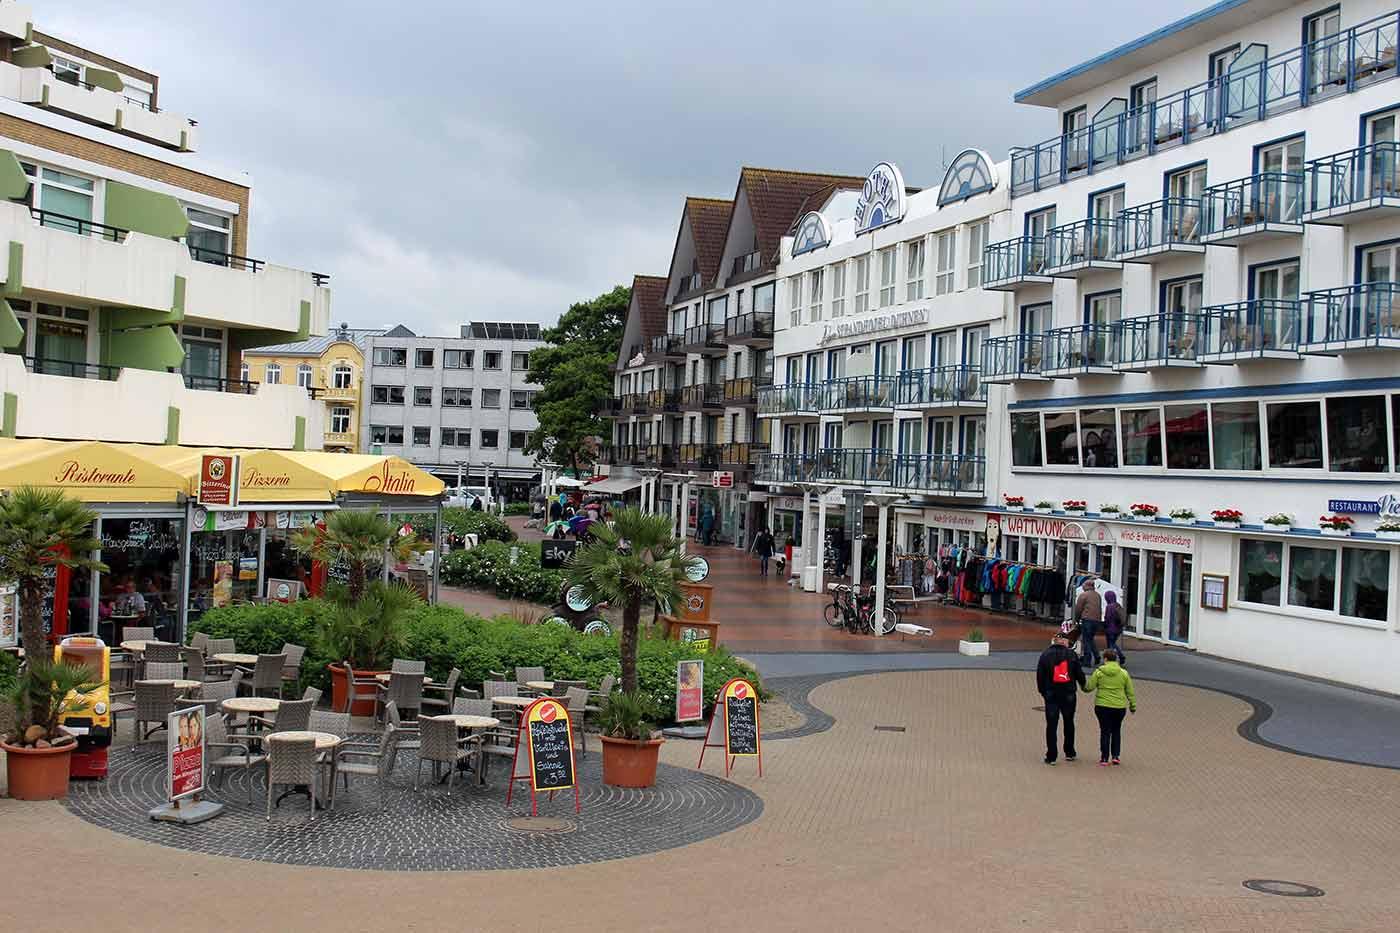 Ferienwohnung Knechtsand in Cuxhaven-Duhnen